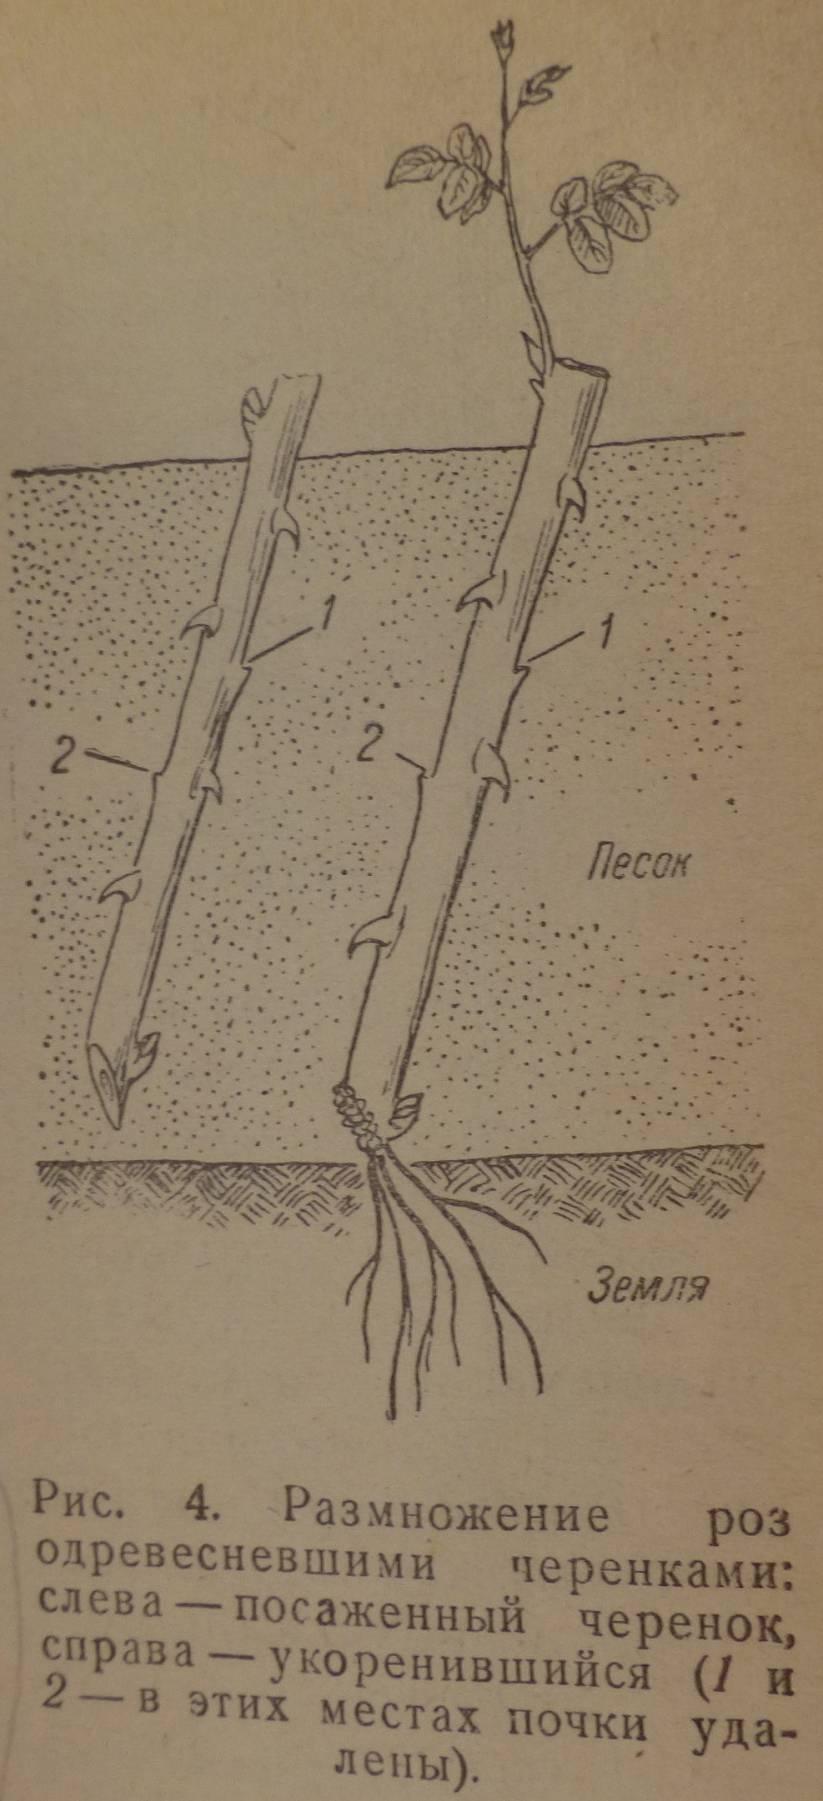 Размножение яблони черенками: весной, летом, осенью, советы